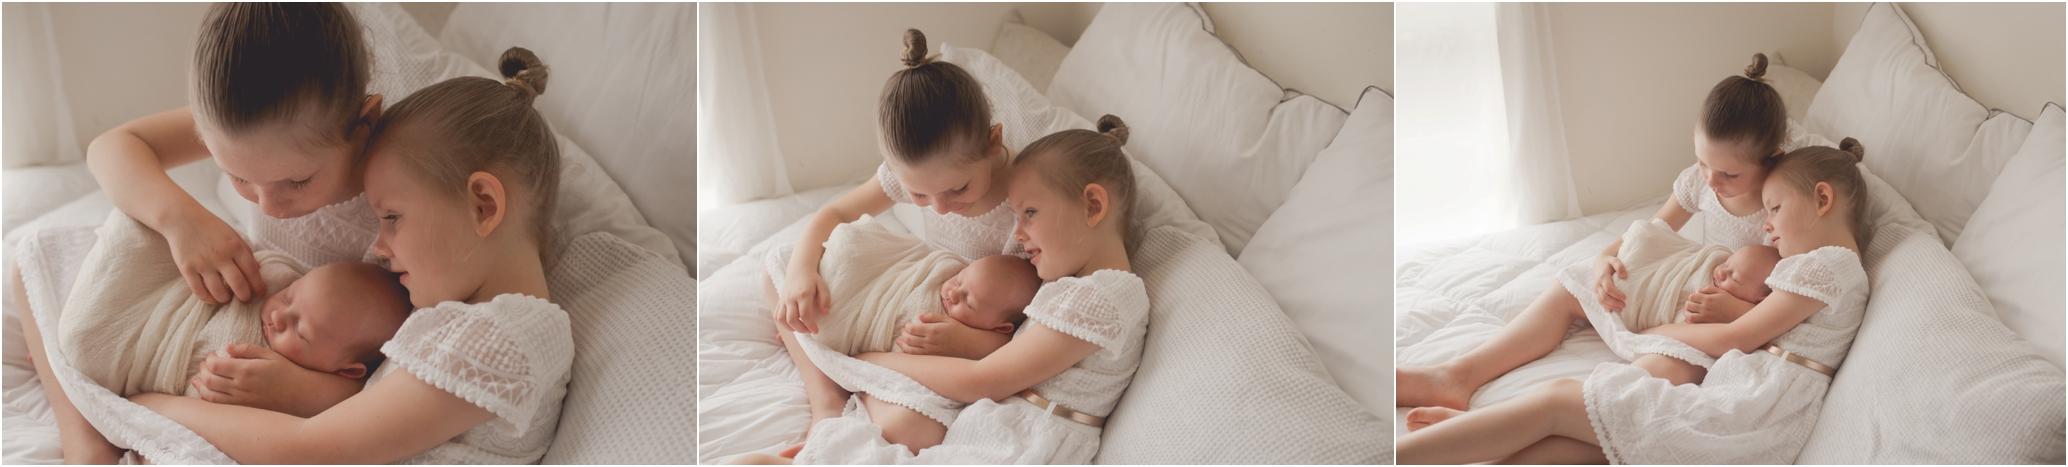 Newborn Photos Geelong_1307.jpg